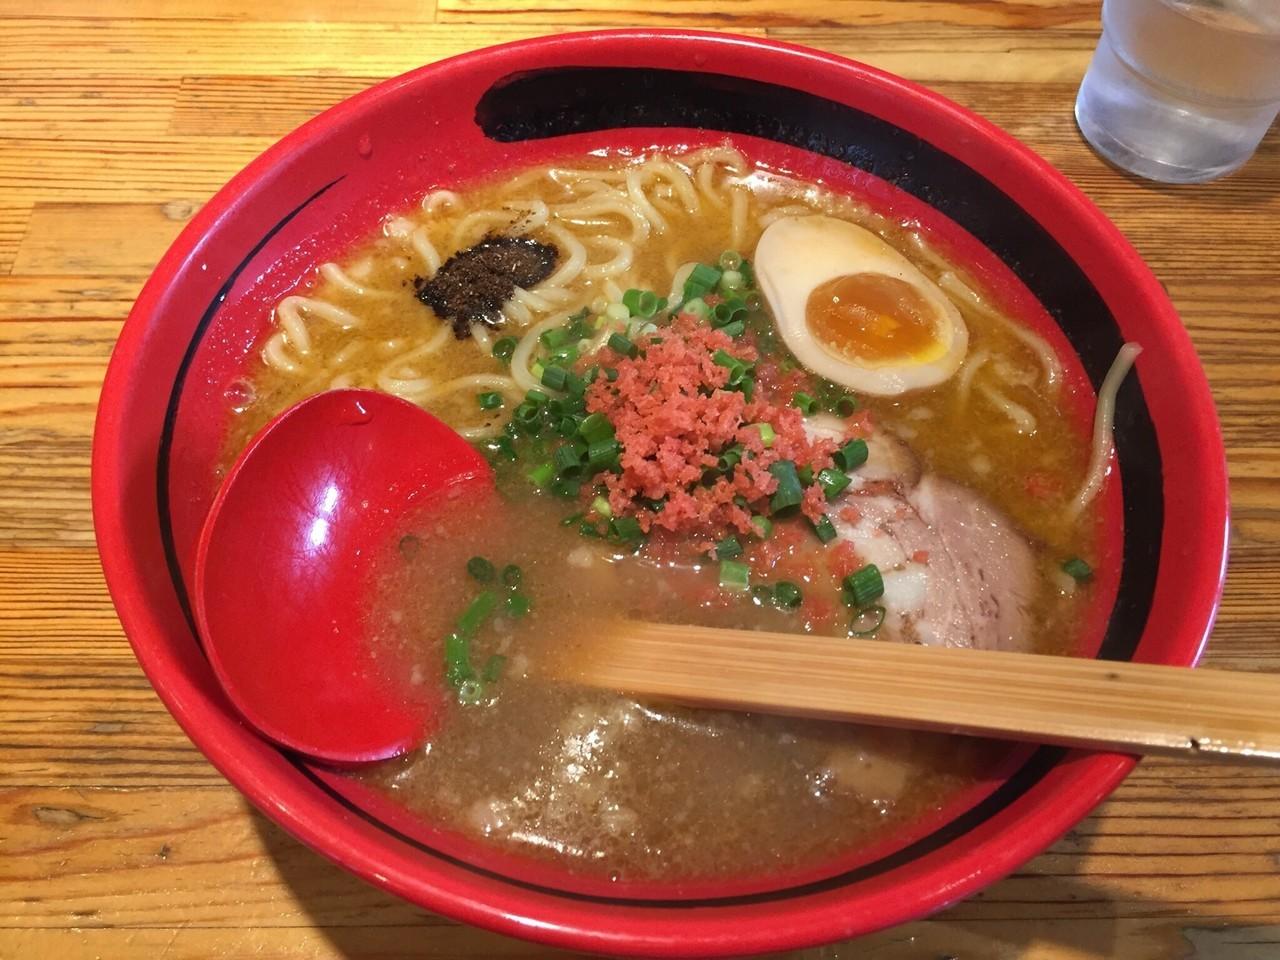 エビ好き必見!濃厚な旨味で注目される「海老ラーメン」を東京で食す!5選